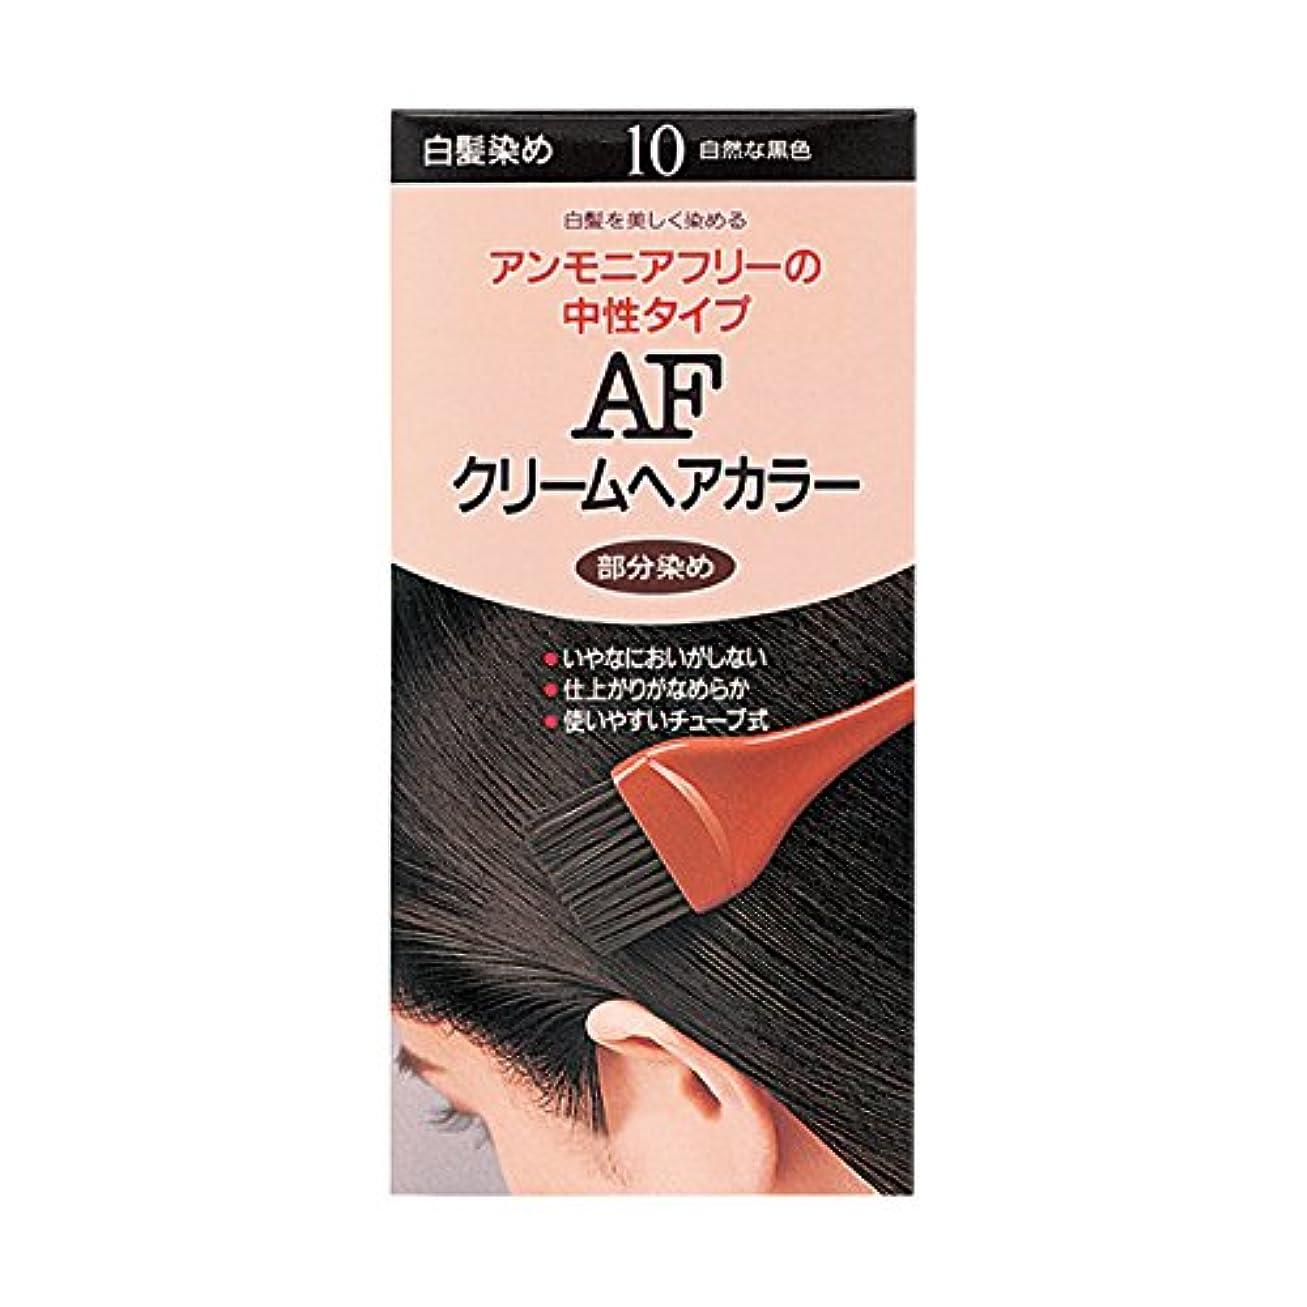 エスカレート自分の手当ヘアカラー AFクリームヘアカラー 10 【医薬部外品】